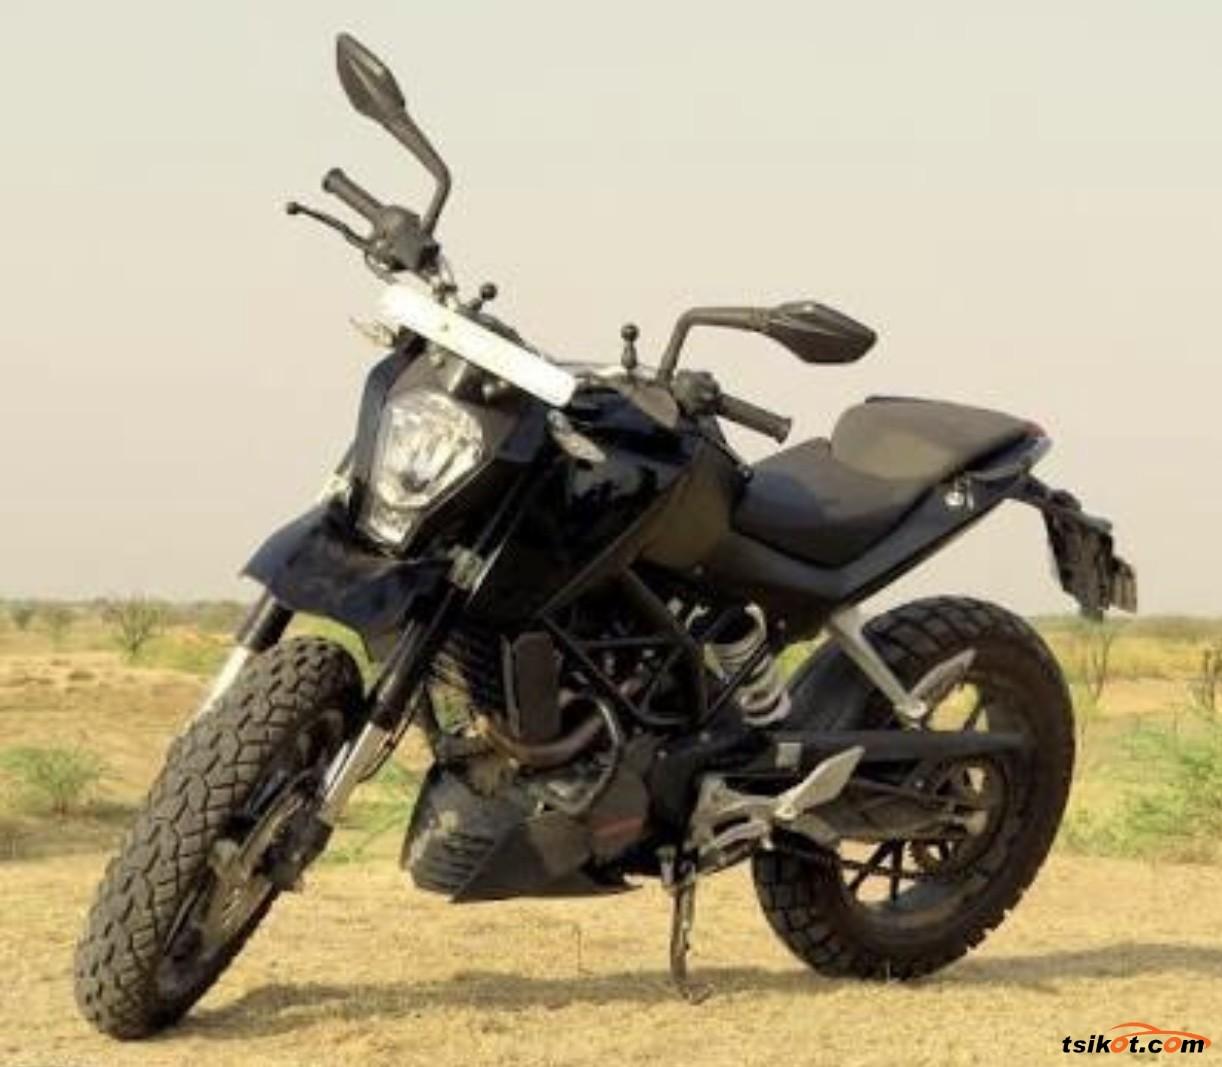 Bmw 450 Sports Enduro 2015 Motorbike For Sale Metro Manila